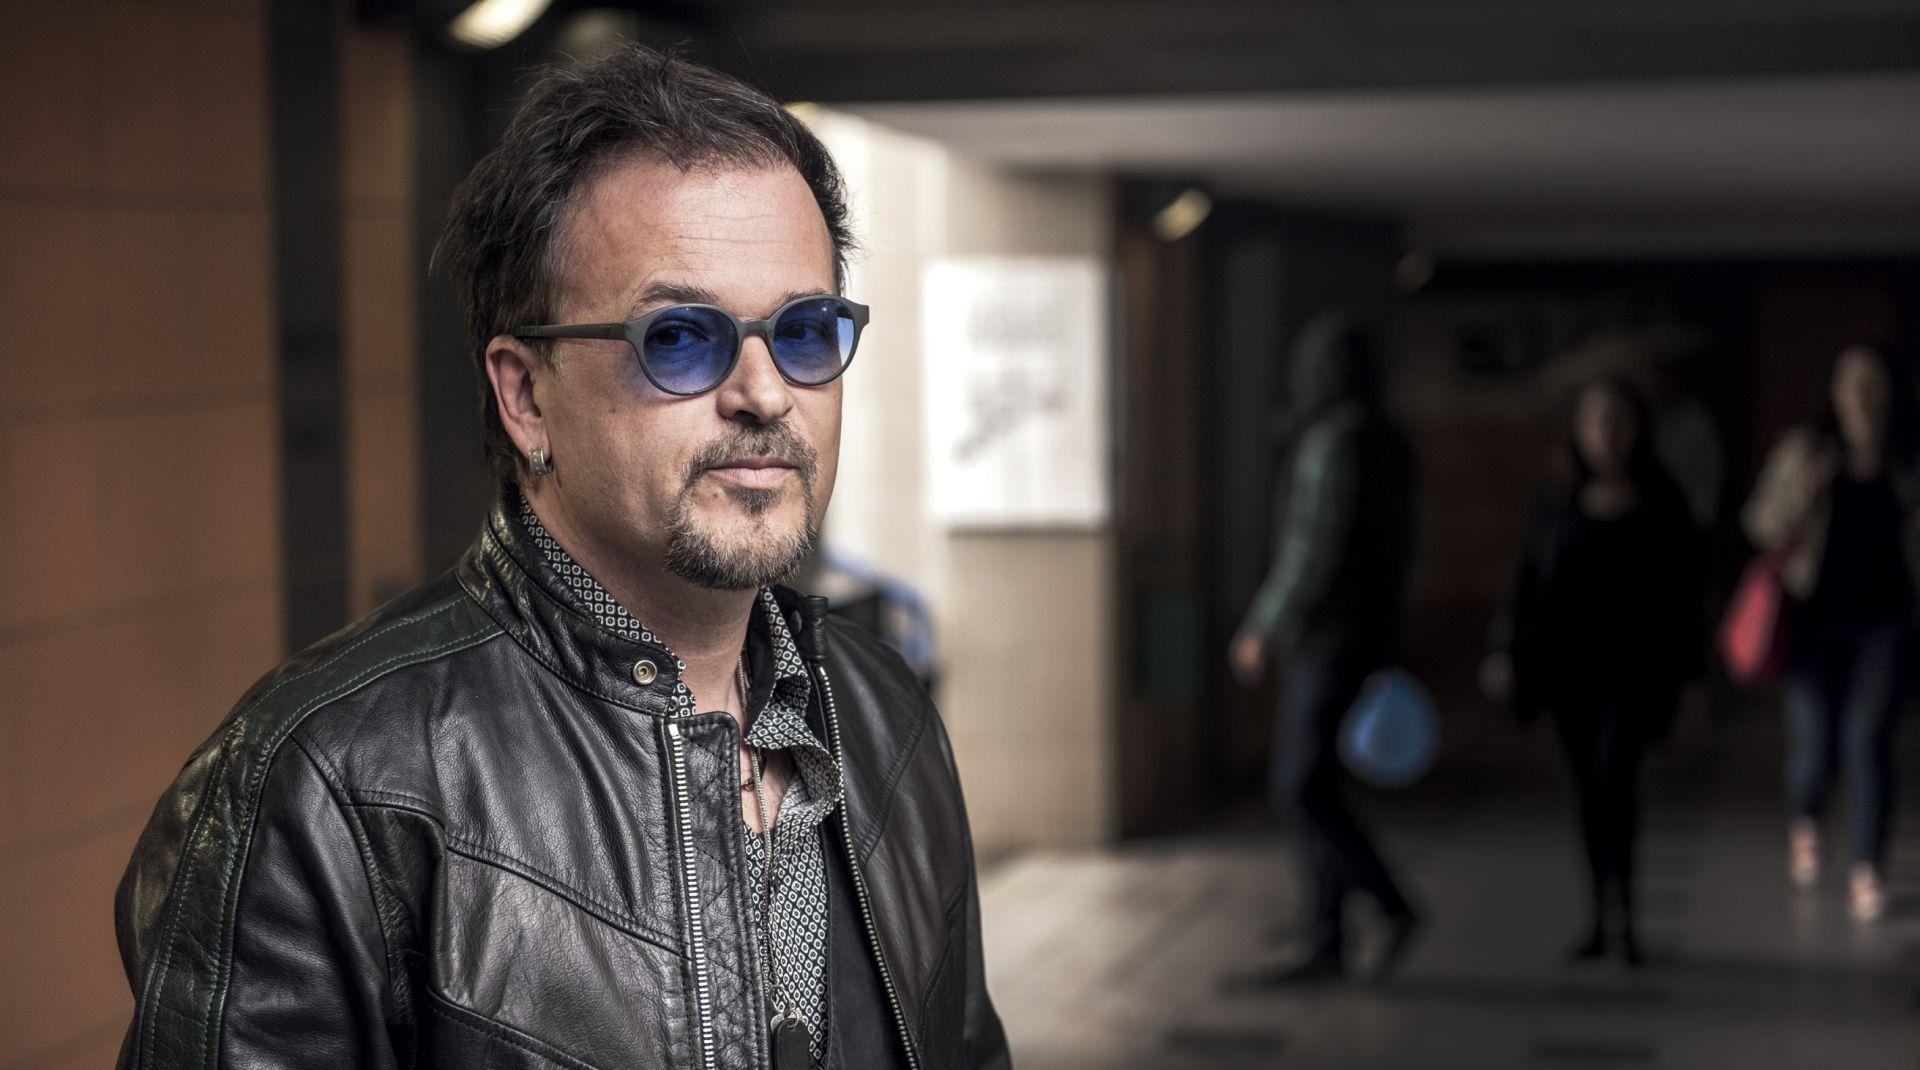 INTERVIEW: ZLATAN STIPIŠIĆ – GIBONNI 'Ne znam što nas više u životu košta – primitivci ili intelektualci bez širine'